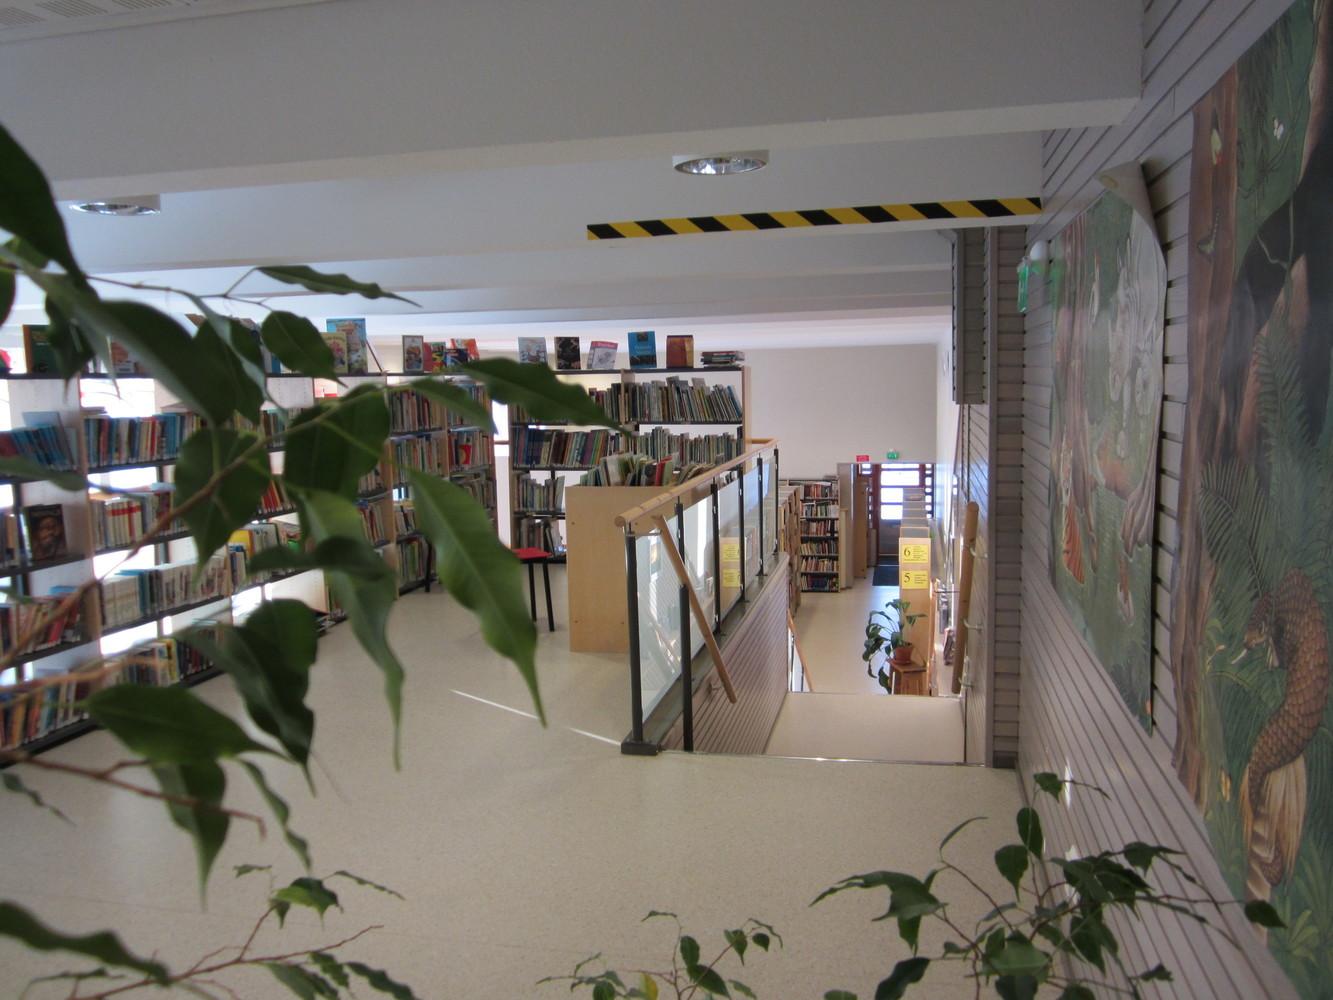 Lapväärtin kirjasto